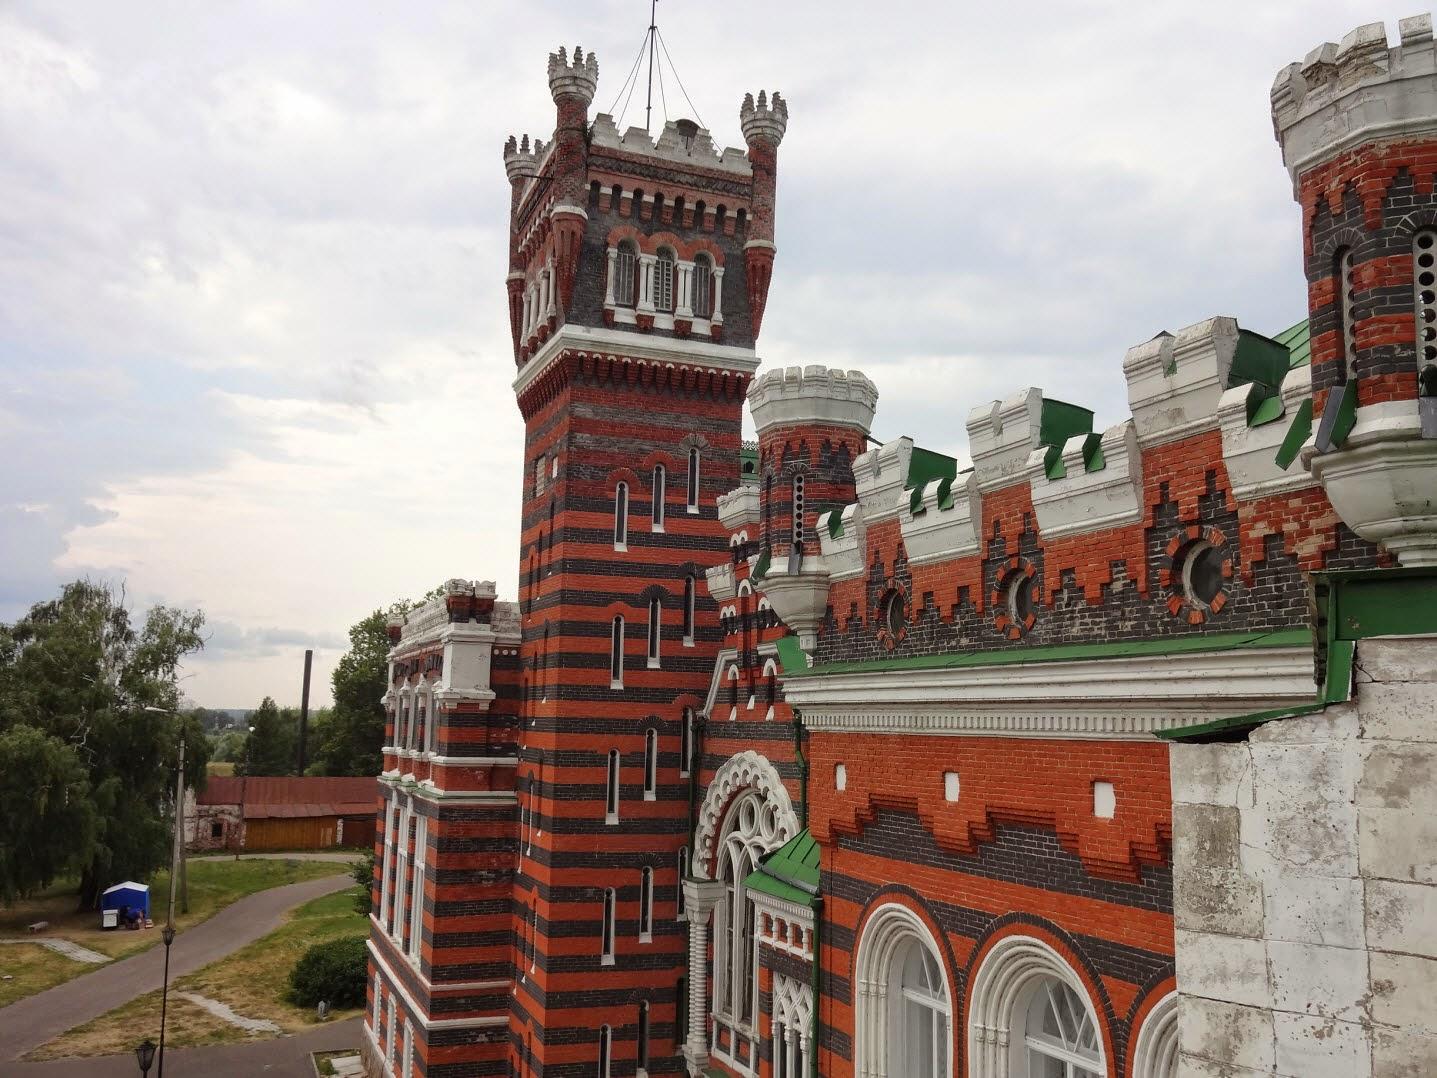 замок шереметьева юрино